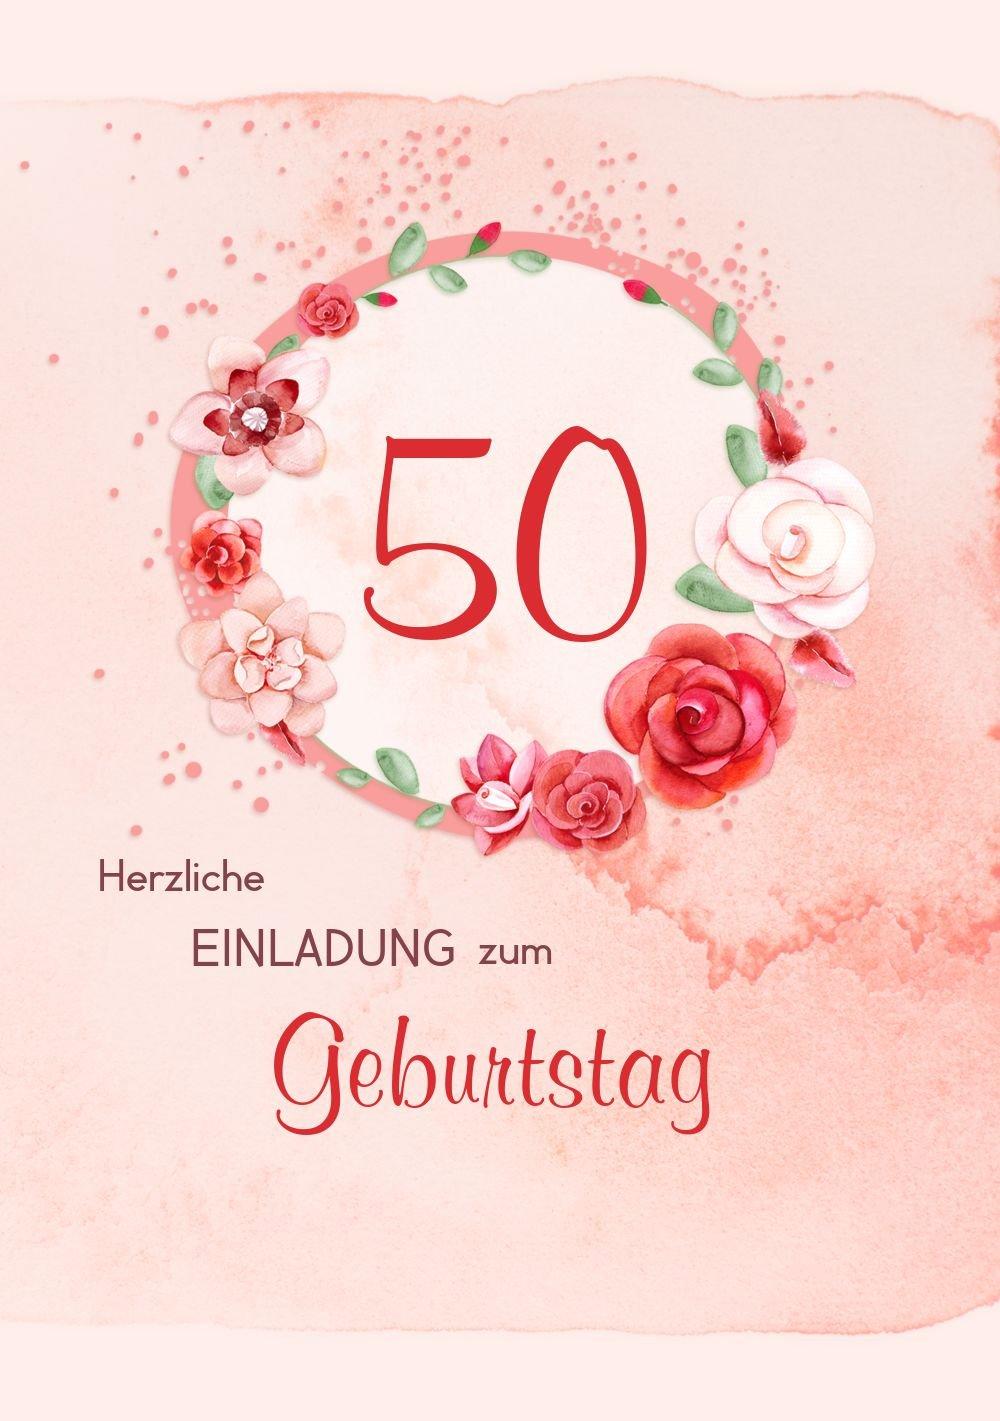 Geburtstagseinladung Geburtstagseinladung Geburtstagseinladung Aquarell Rosan 50, 20 Karten, RosaRosa B073D3TZJ6 | In hohem Grade geschätzt und weit vertrautes herein und heraus  | Berühmter Laden  | Zuverlässiger Ruf  b665cc